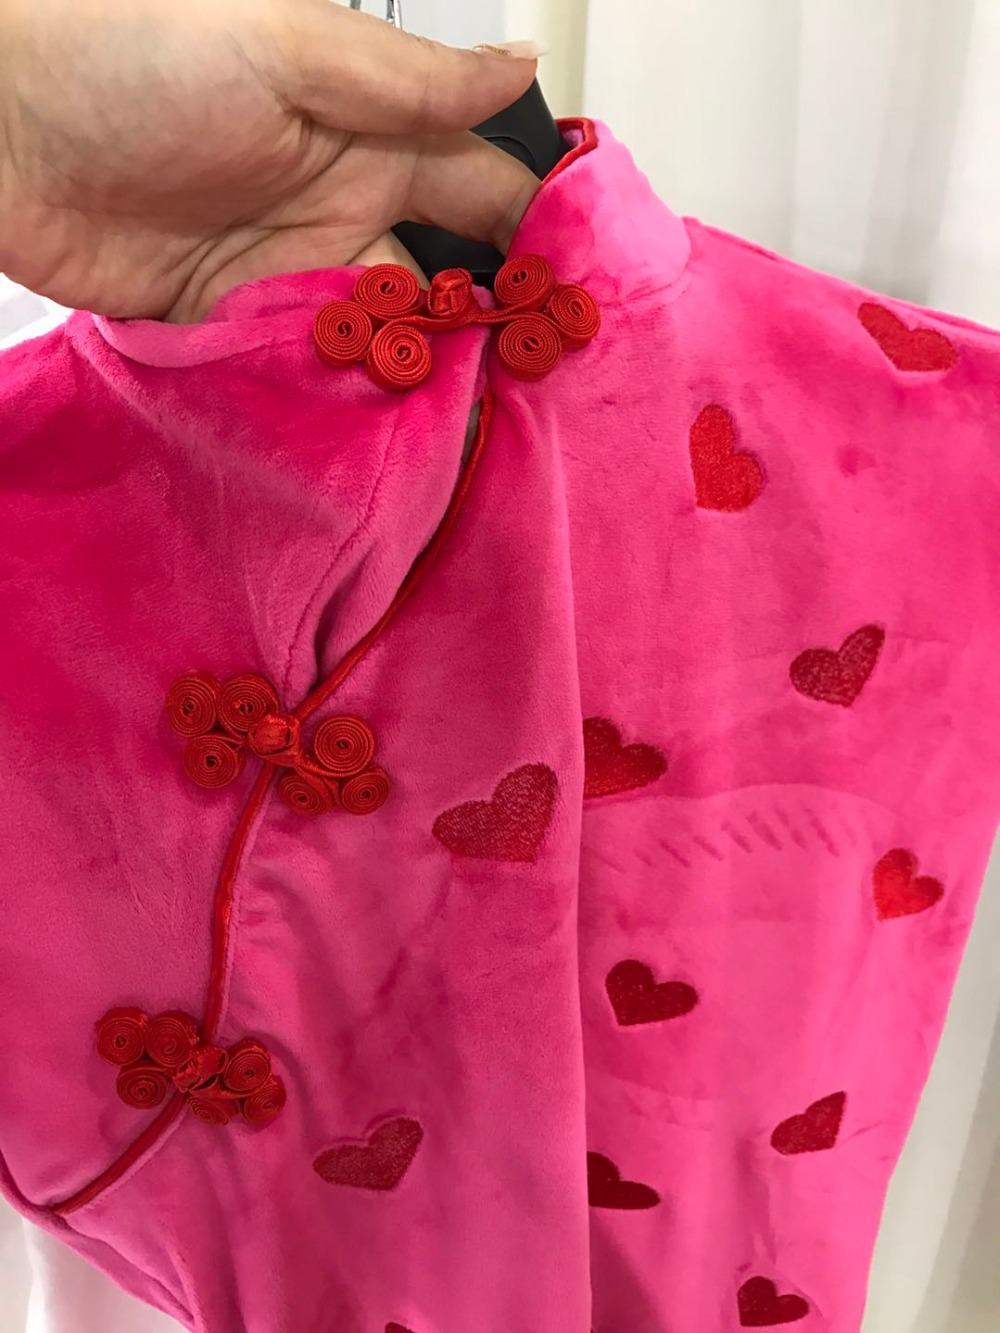 À Chinois Rétro Rose Courtes Robe As Coeurs 2018 Femme Cheongsam Vintage Photo Kawaii Velours Manches Ete Femmes HPSRPY